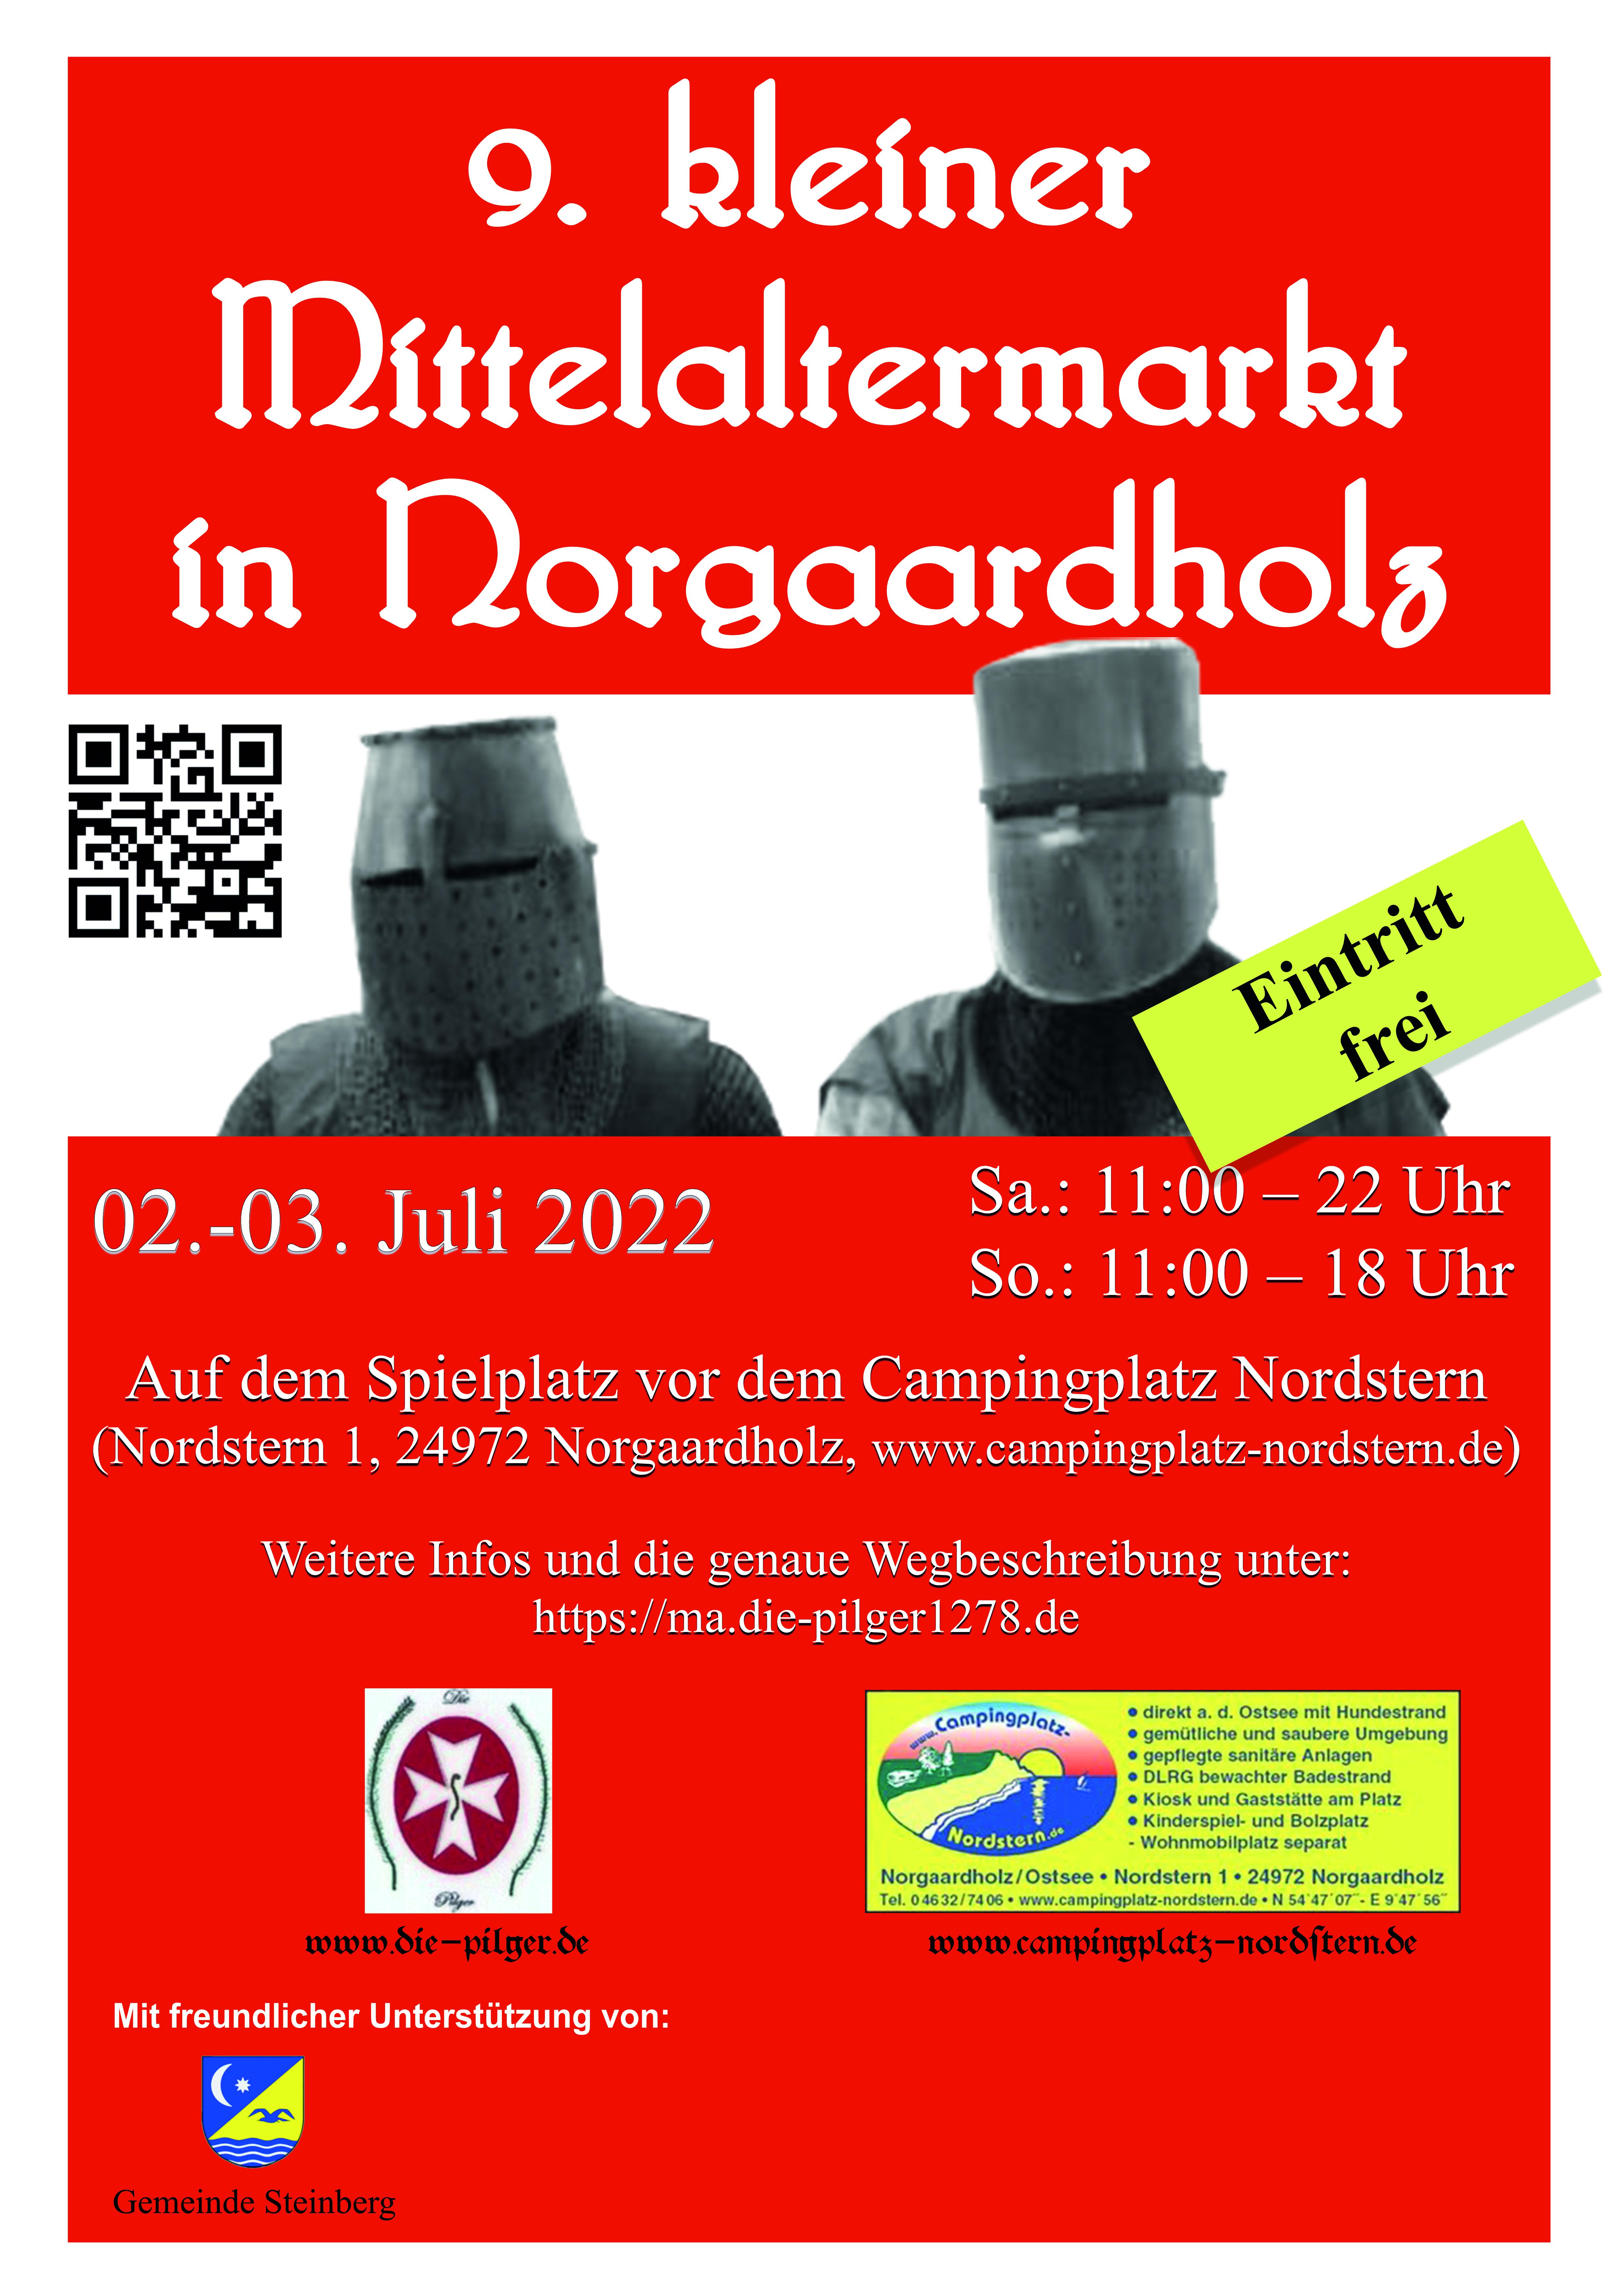 Plakat - 9. kleiner Mittelaltermarkt in Norgaardholz